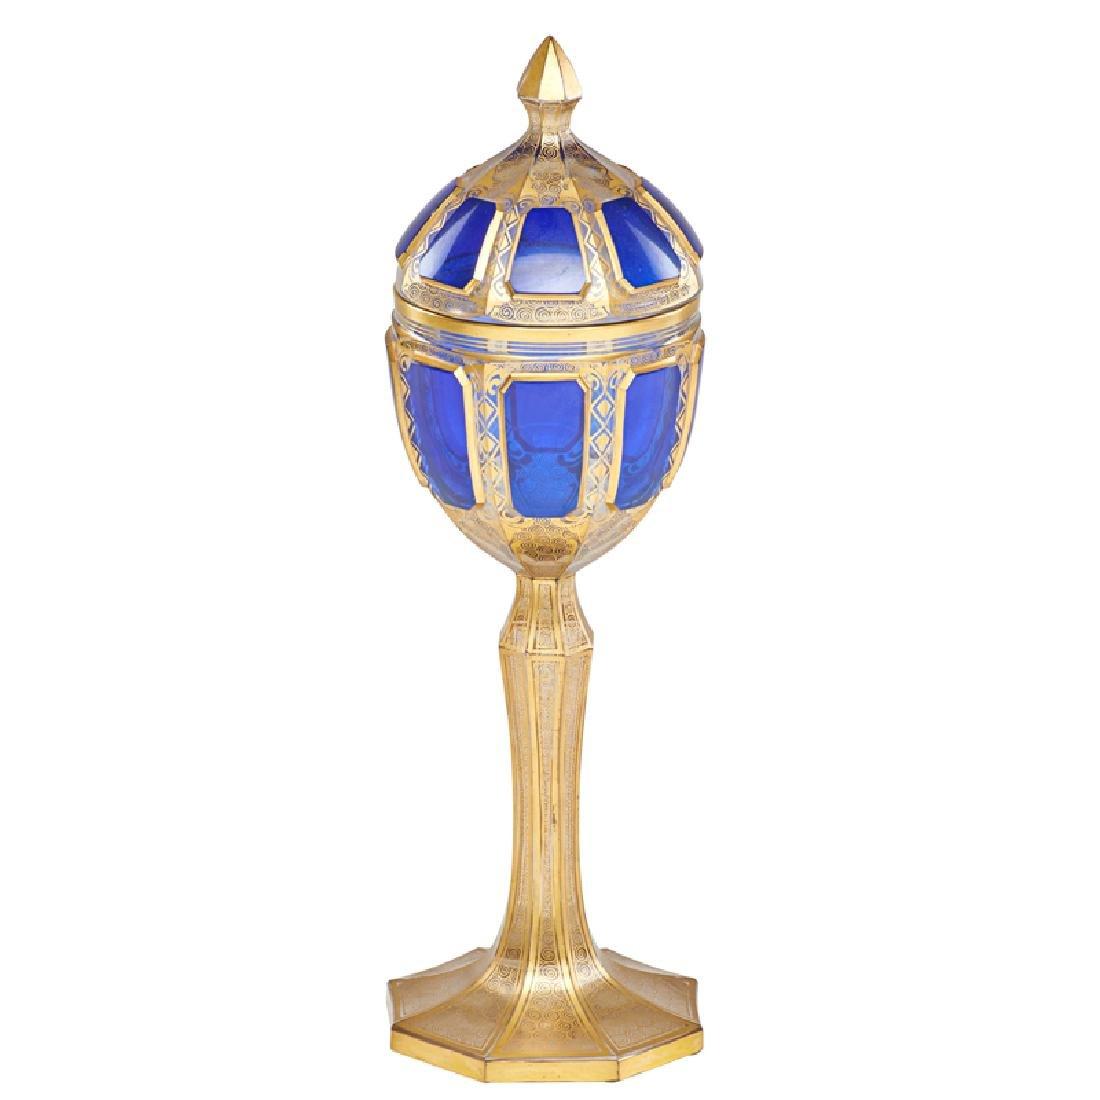 BOHEMIAN GLASS POKAL